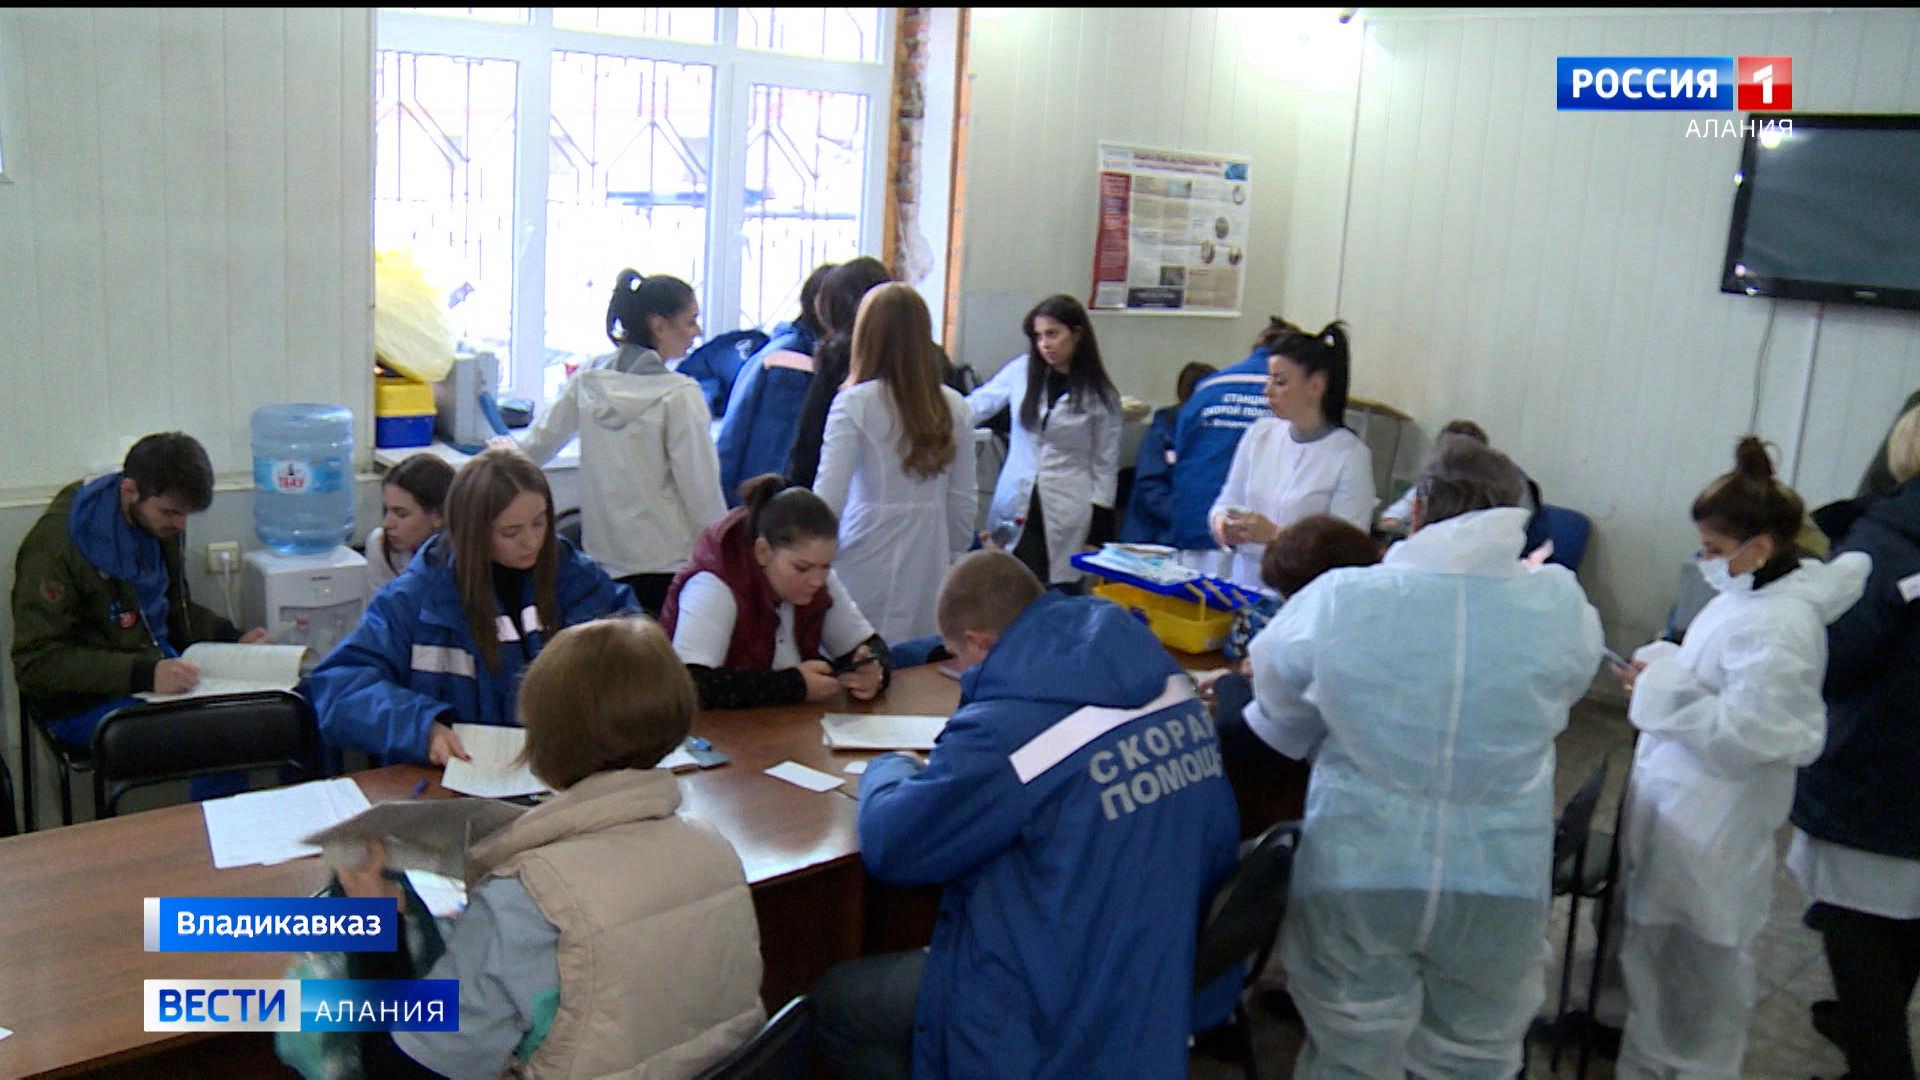 На передовой: врачи станции скорой помощи и студенты СОГМА продолжают борьбу с COVID-19